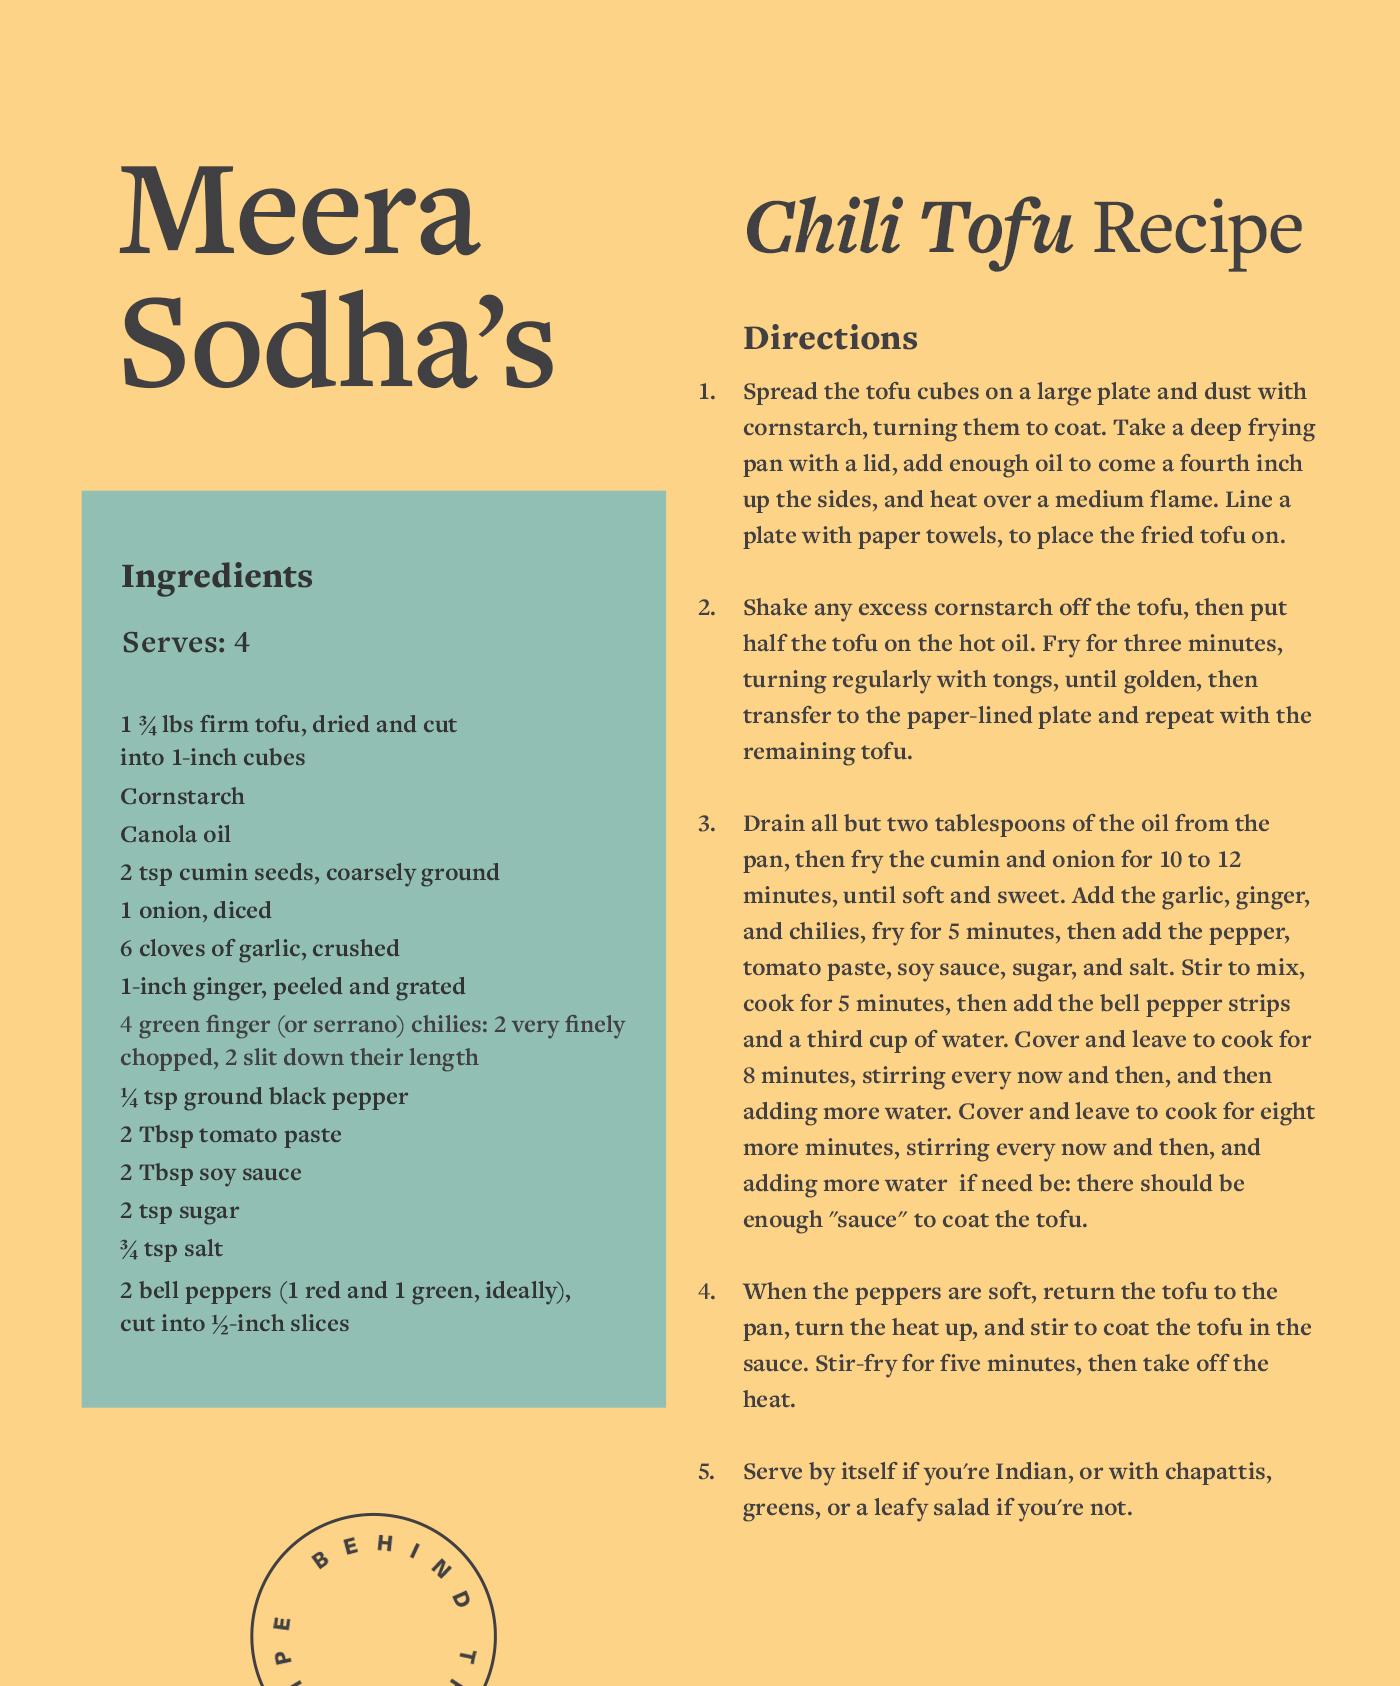 chili tofu recipe card